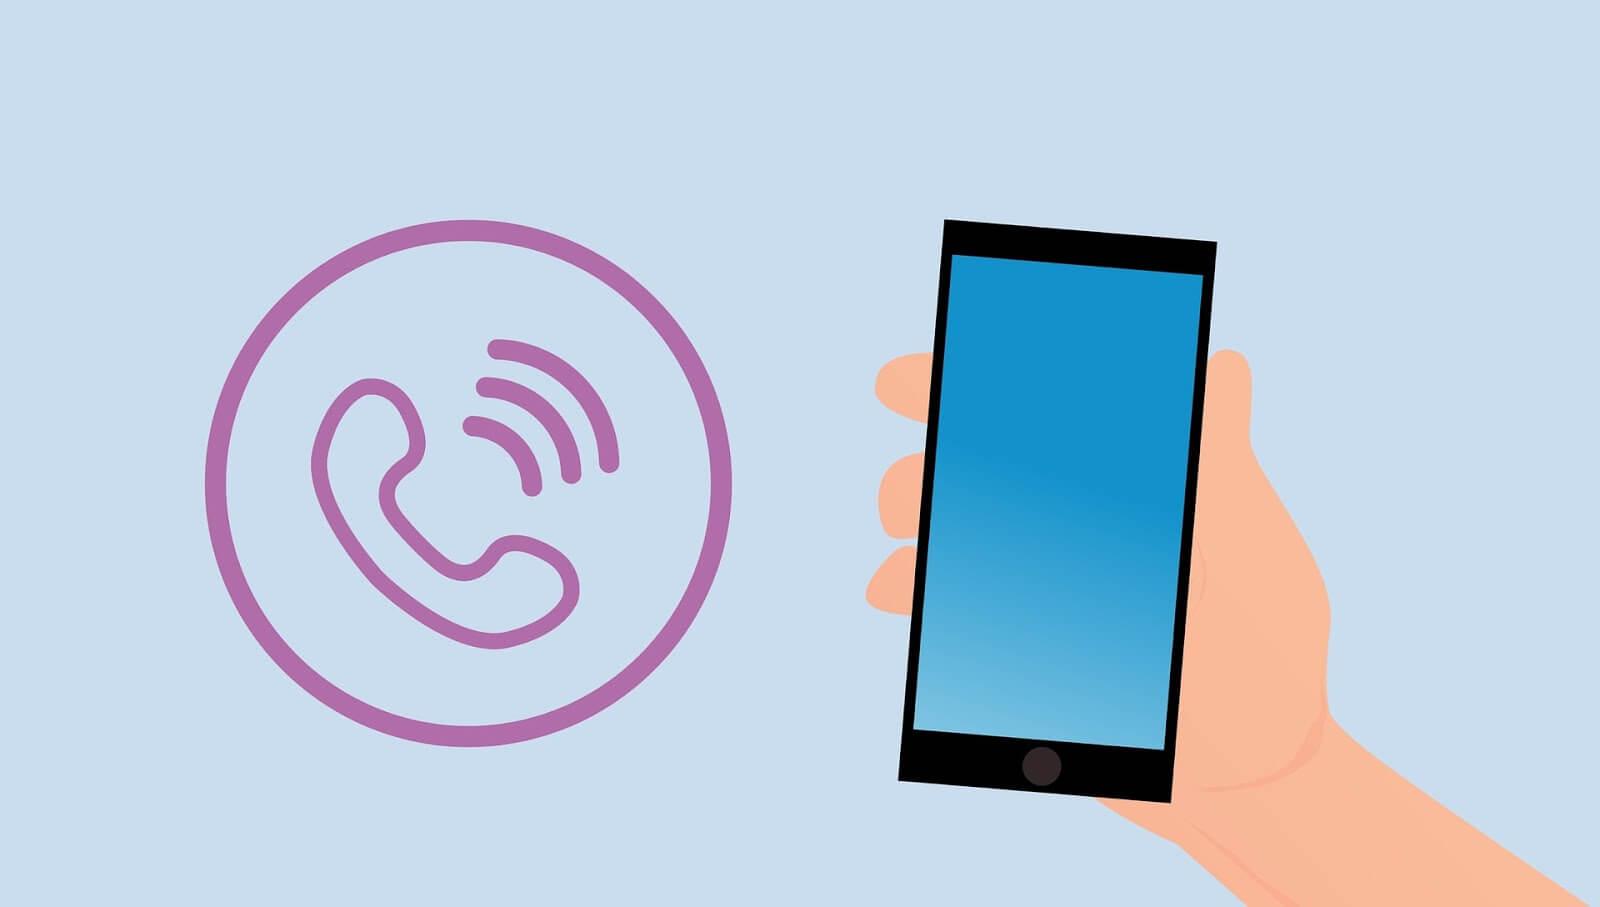 Übertragen von Kontakten Icloud an die Android-Einführung